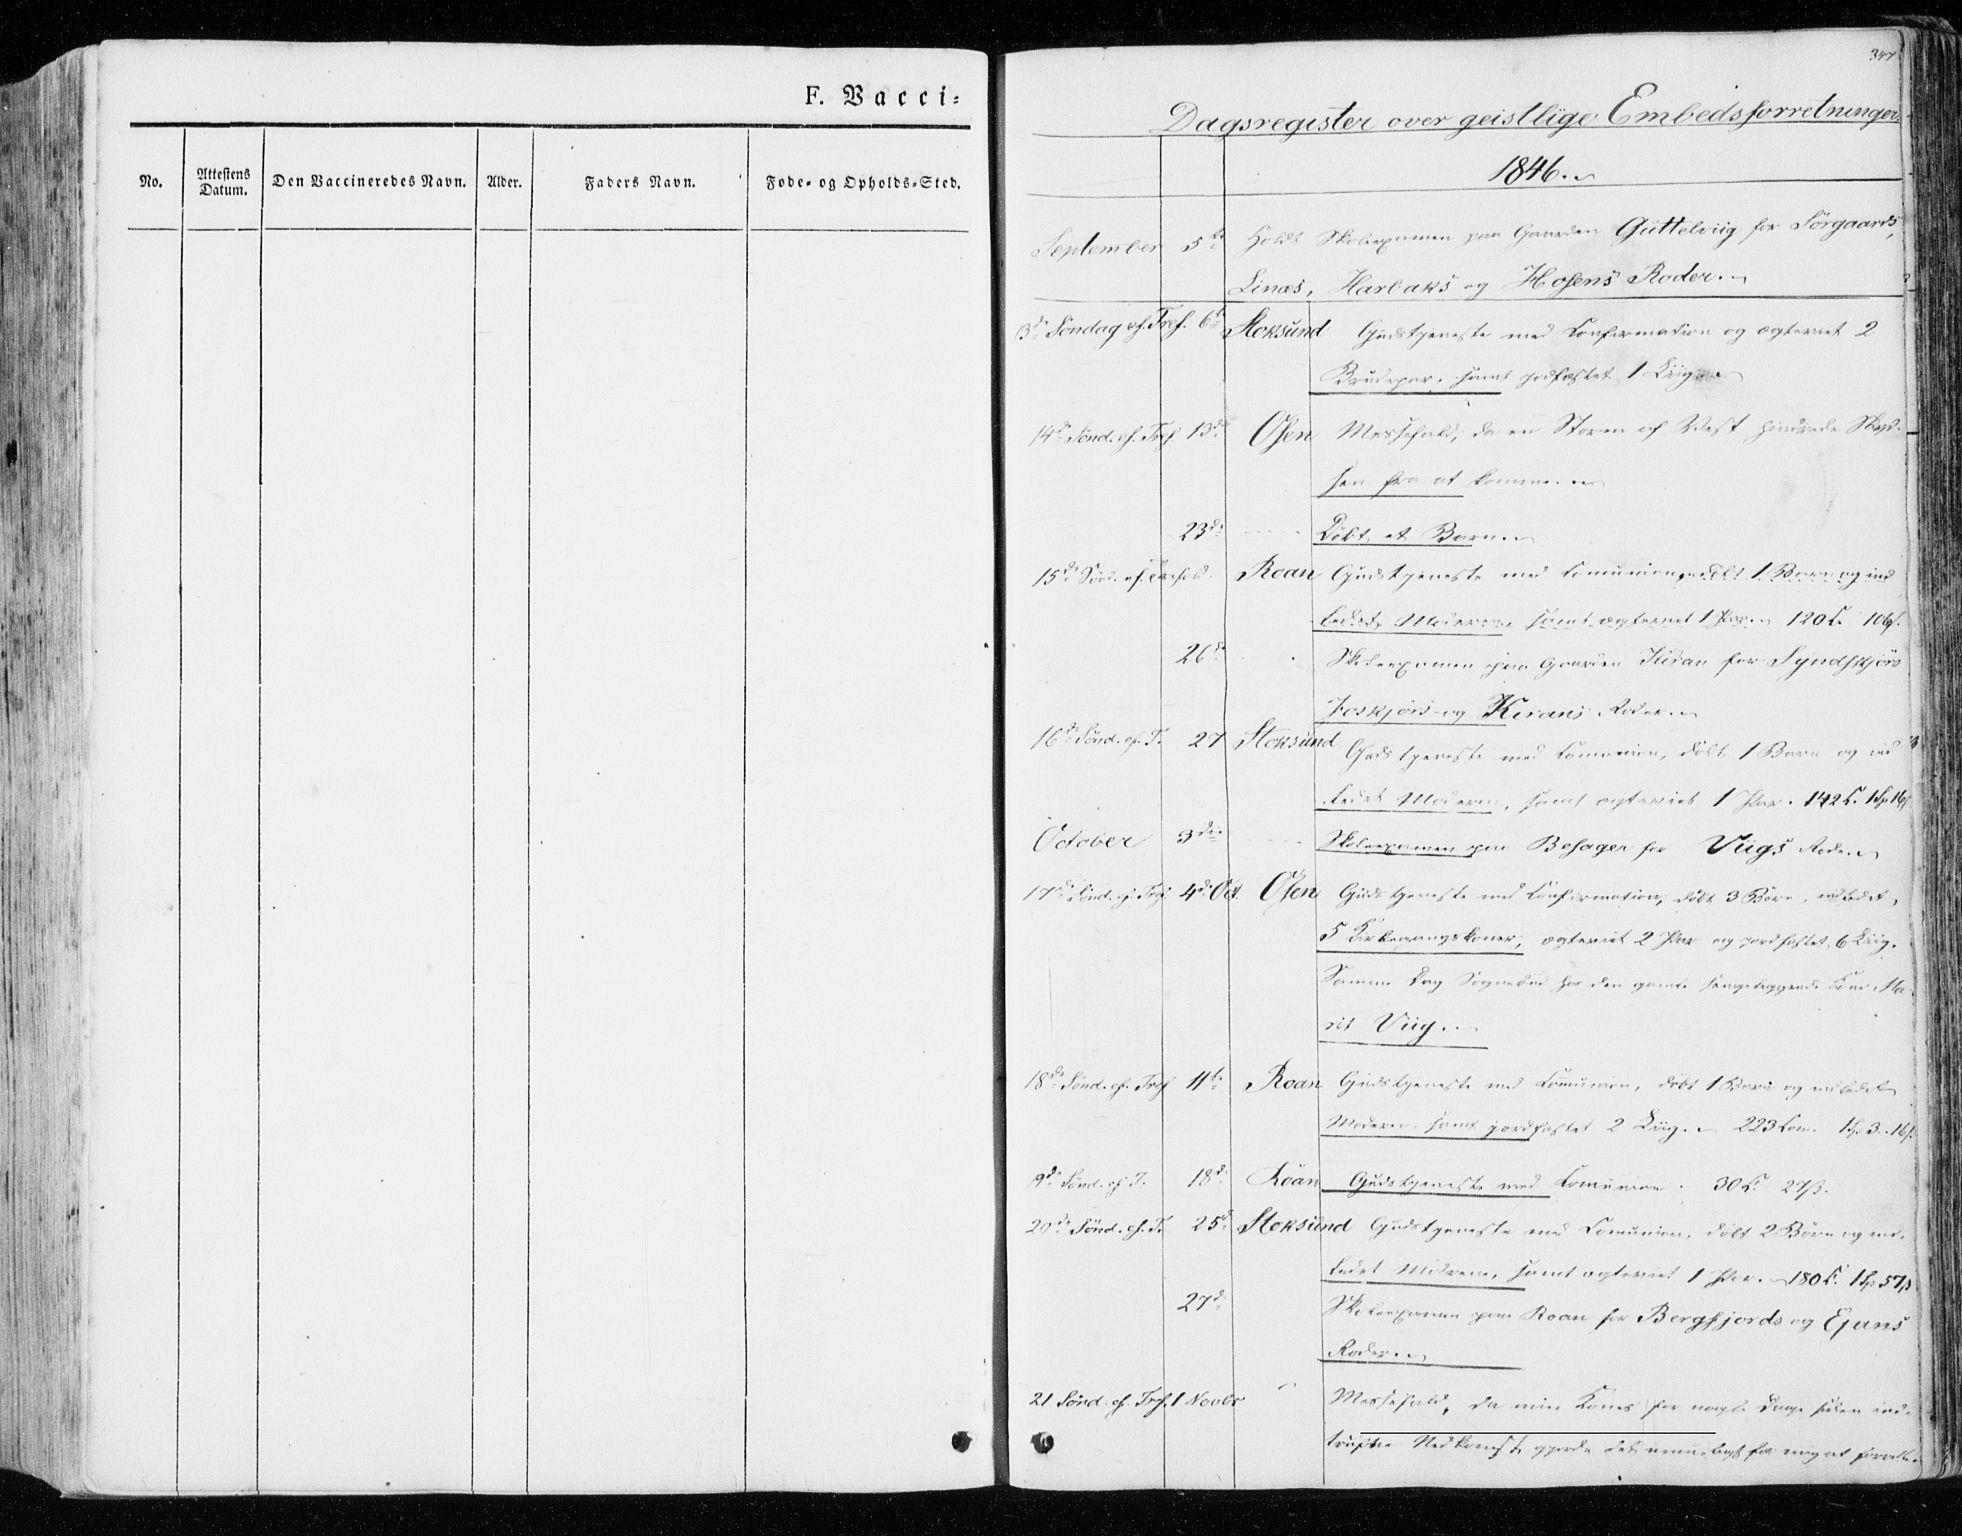 SAT, Ministerialprotokoller, klokkerbøker og fødselsregistre - Sør-Trøndelag, 657/L0704: Ministerialbok nr. 657A05, 1846-1857, s. 347